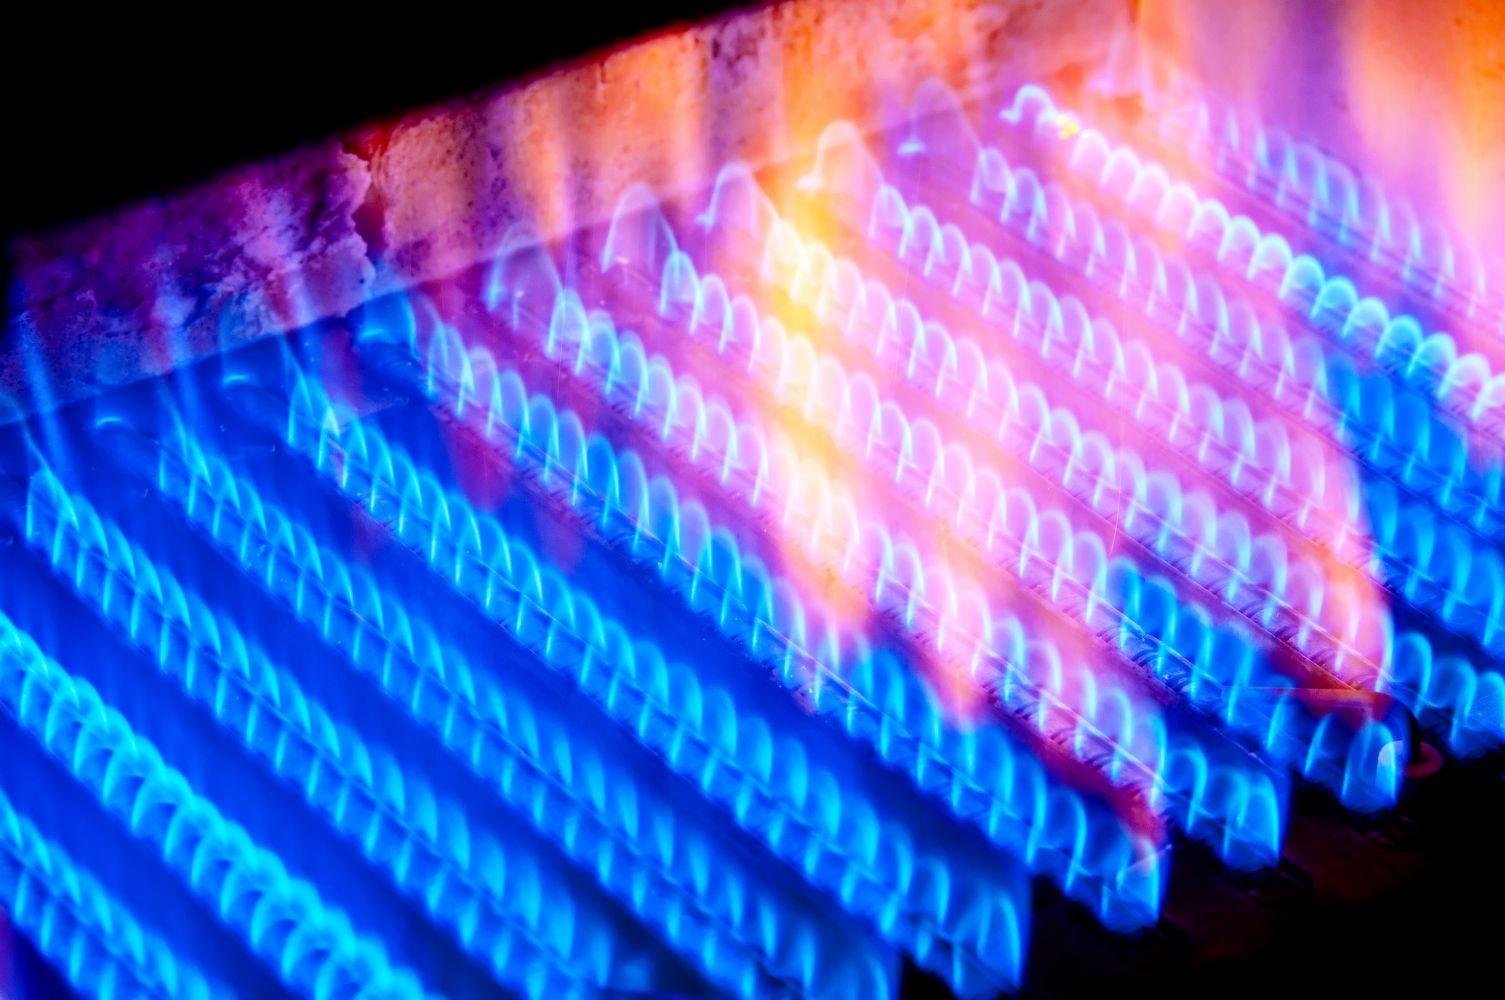 Adjusting radiator after a boiler repair in Cincinnati, OH